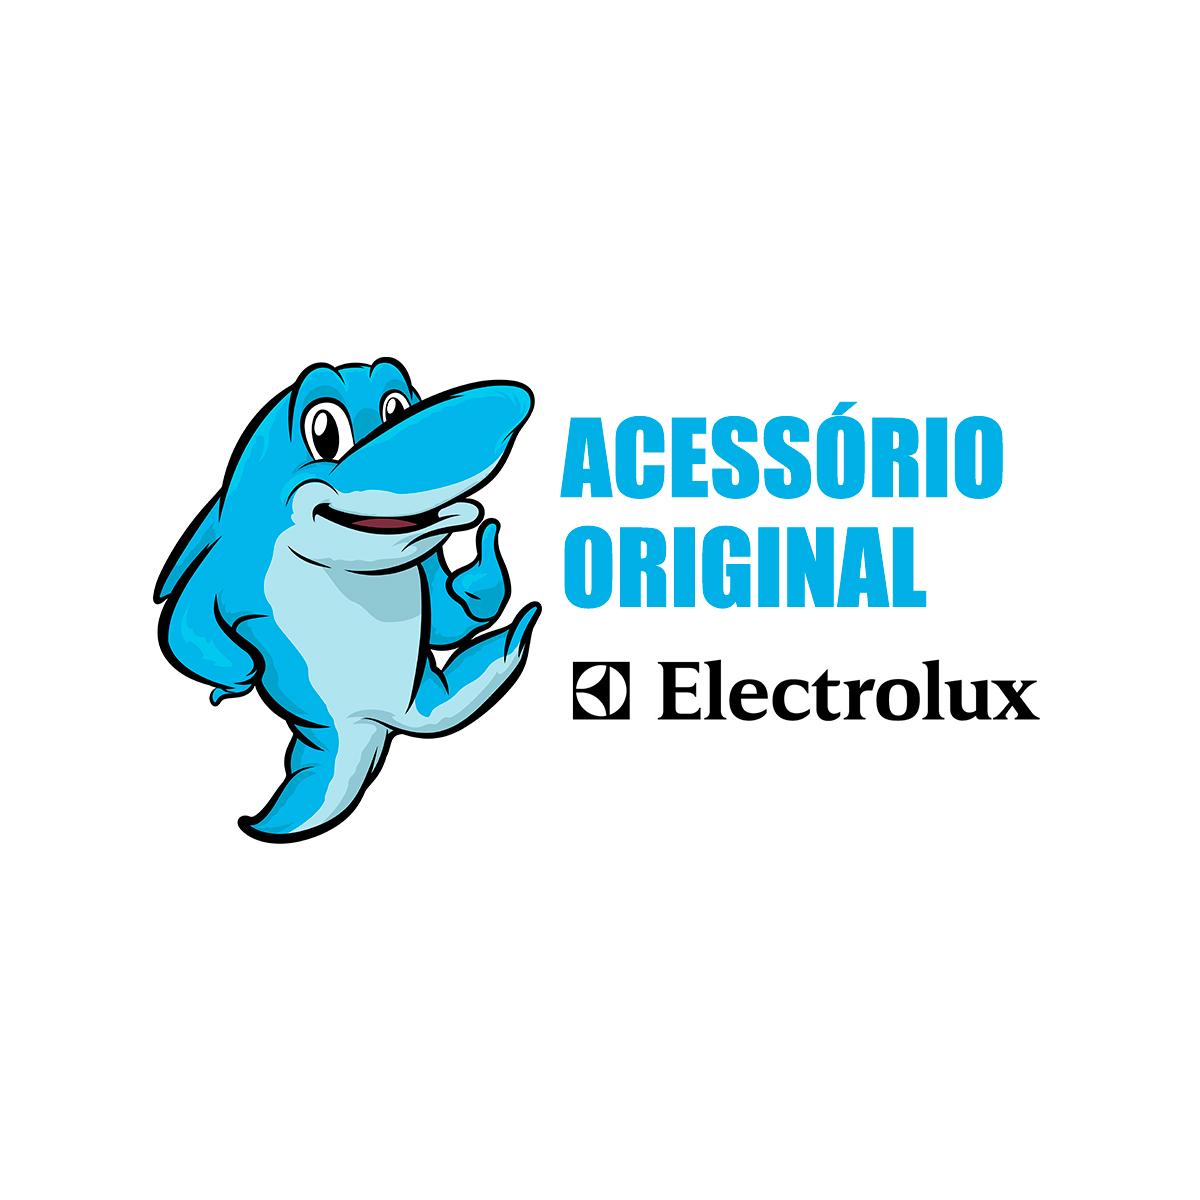 Kit Filtro para Aspirador de pó Electrolux Ergorápido FEE10 Original